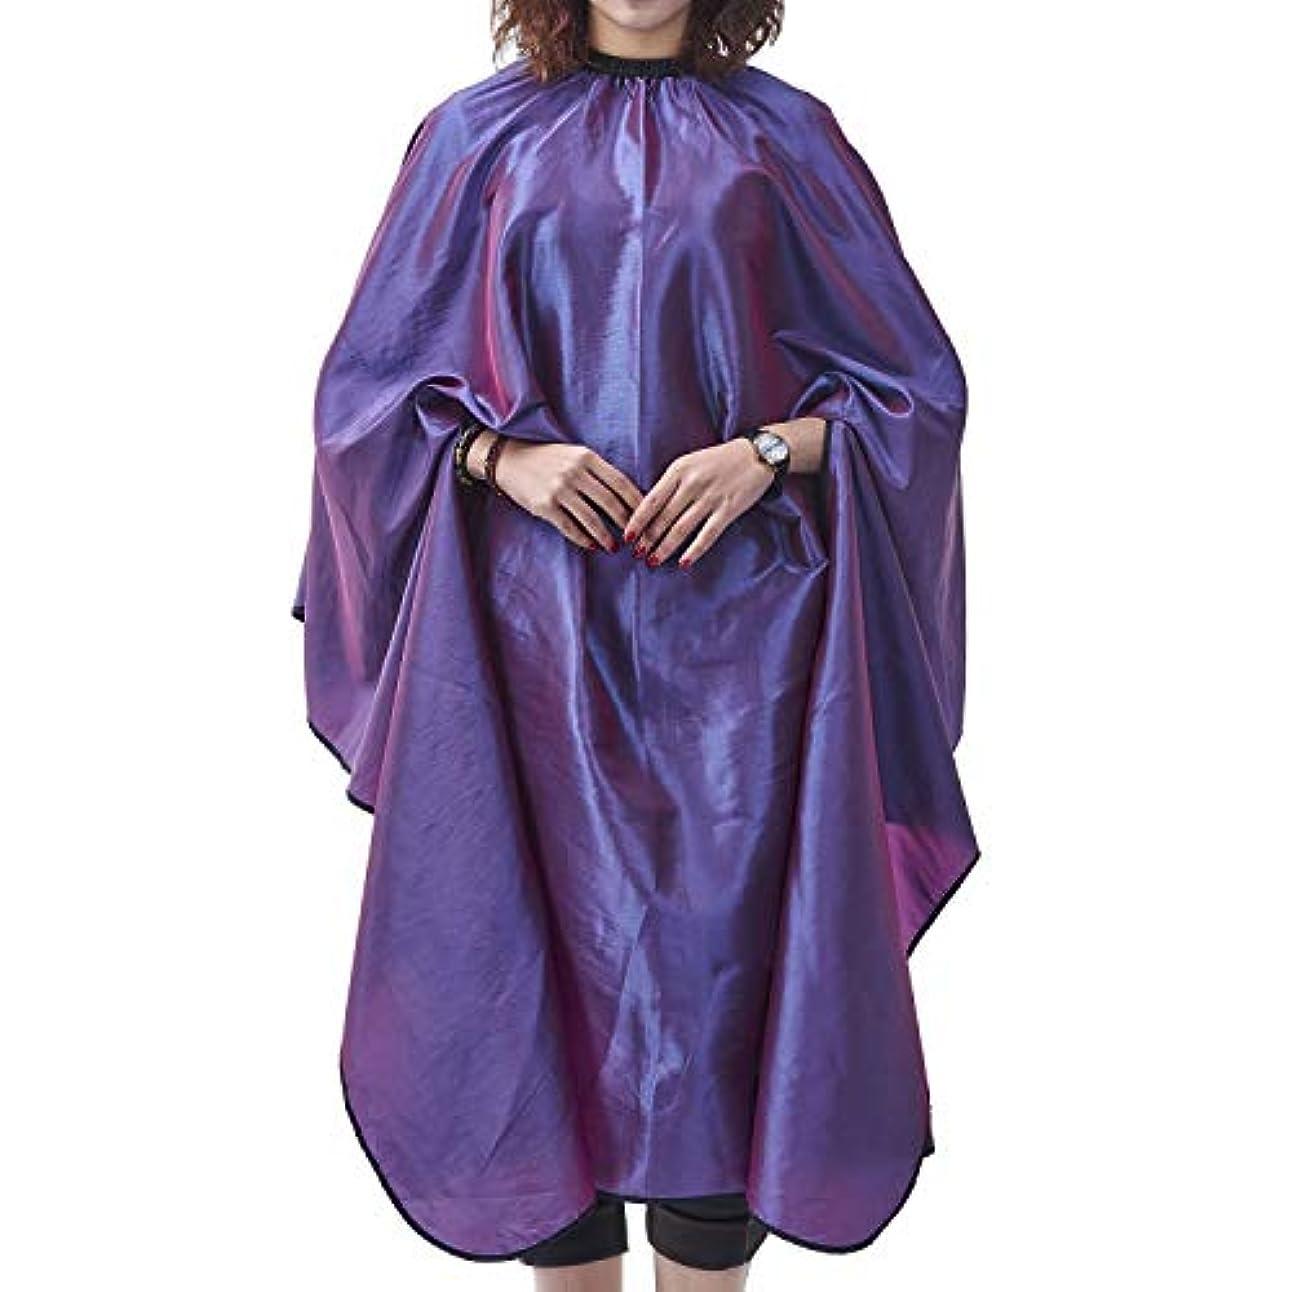 バックグラウンドロータリーめるHIZLJJ サロンケープエプロンバーバーシャ??ンプーオイルスタイリングヘアカット美容師職業理髪店用品よだれかけ (Color : Purple)